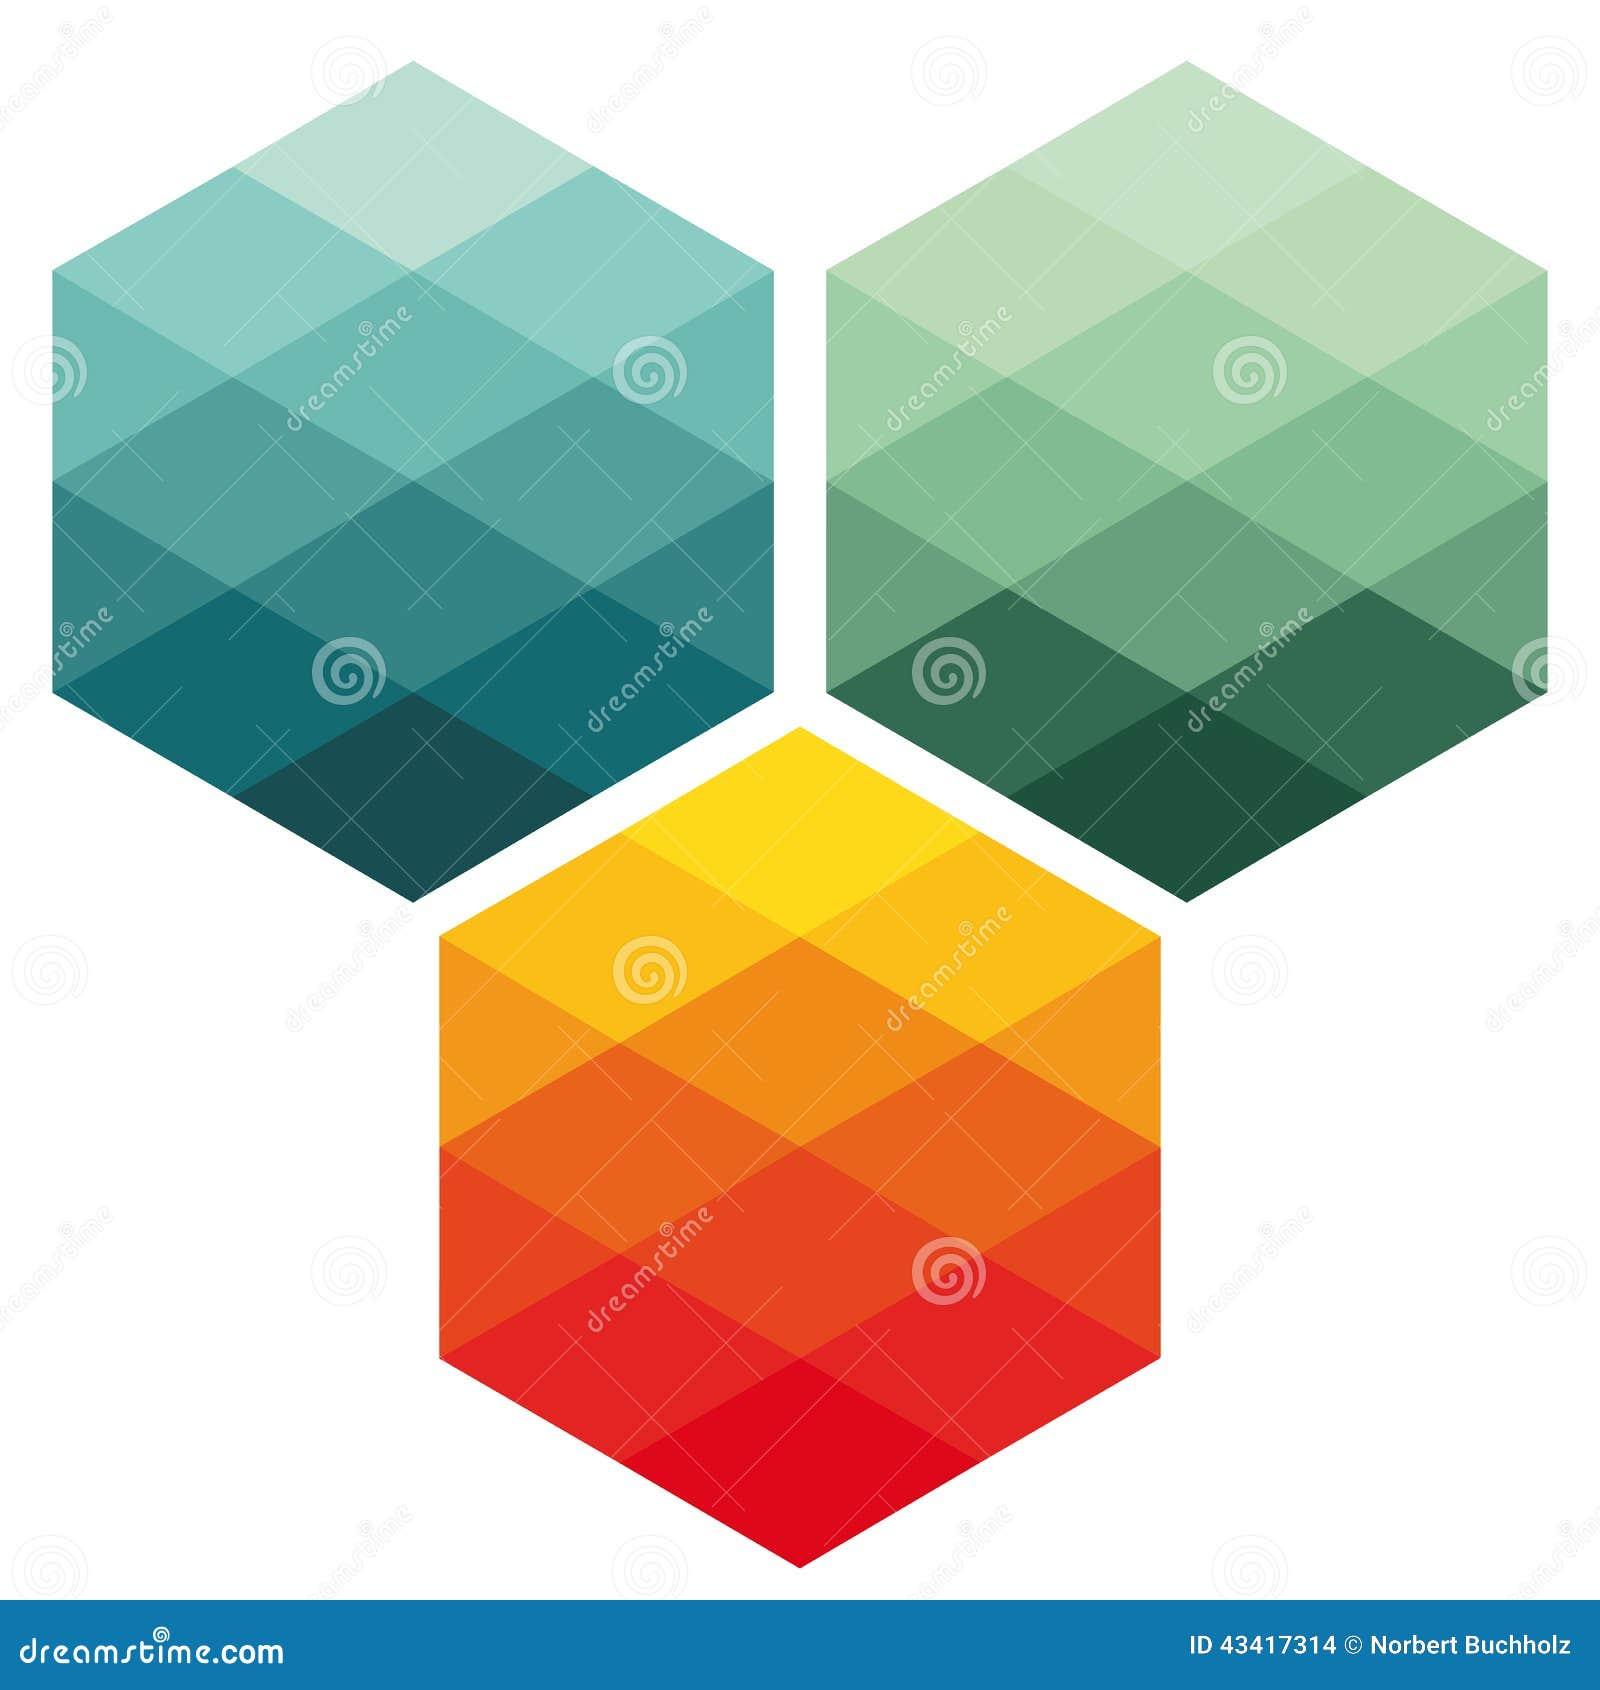 Cubos abstratos coloridos